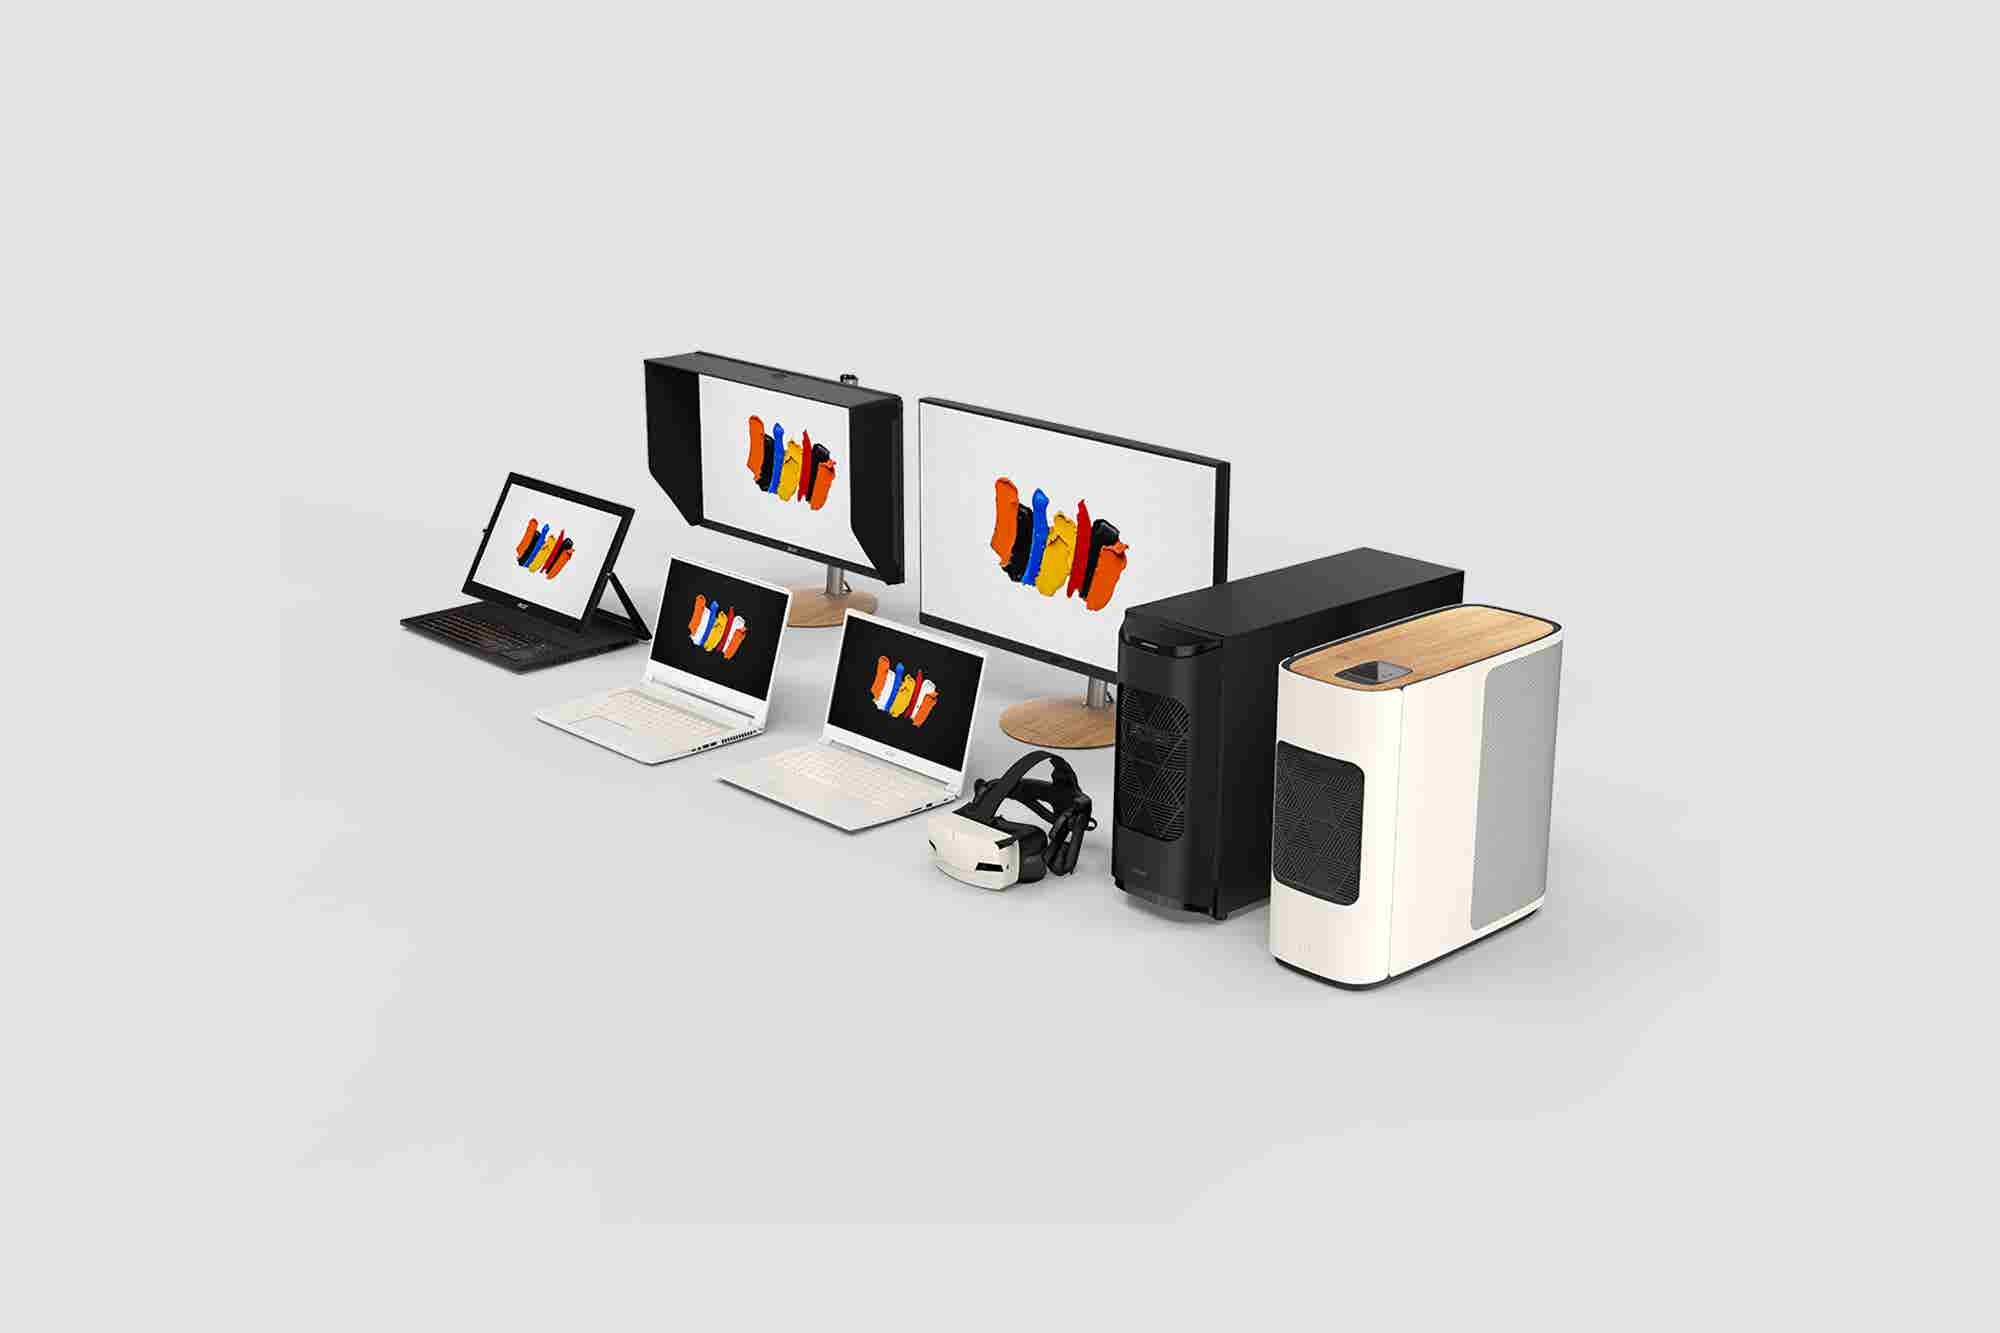 დაივიწყეთ MacBook - Acer ახალ ხაზს უშვებს შემოქმედებითი ადამიანებისთვის